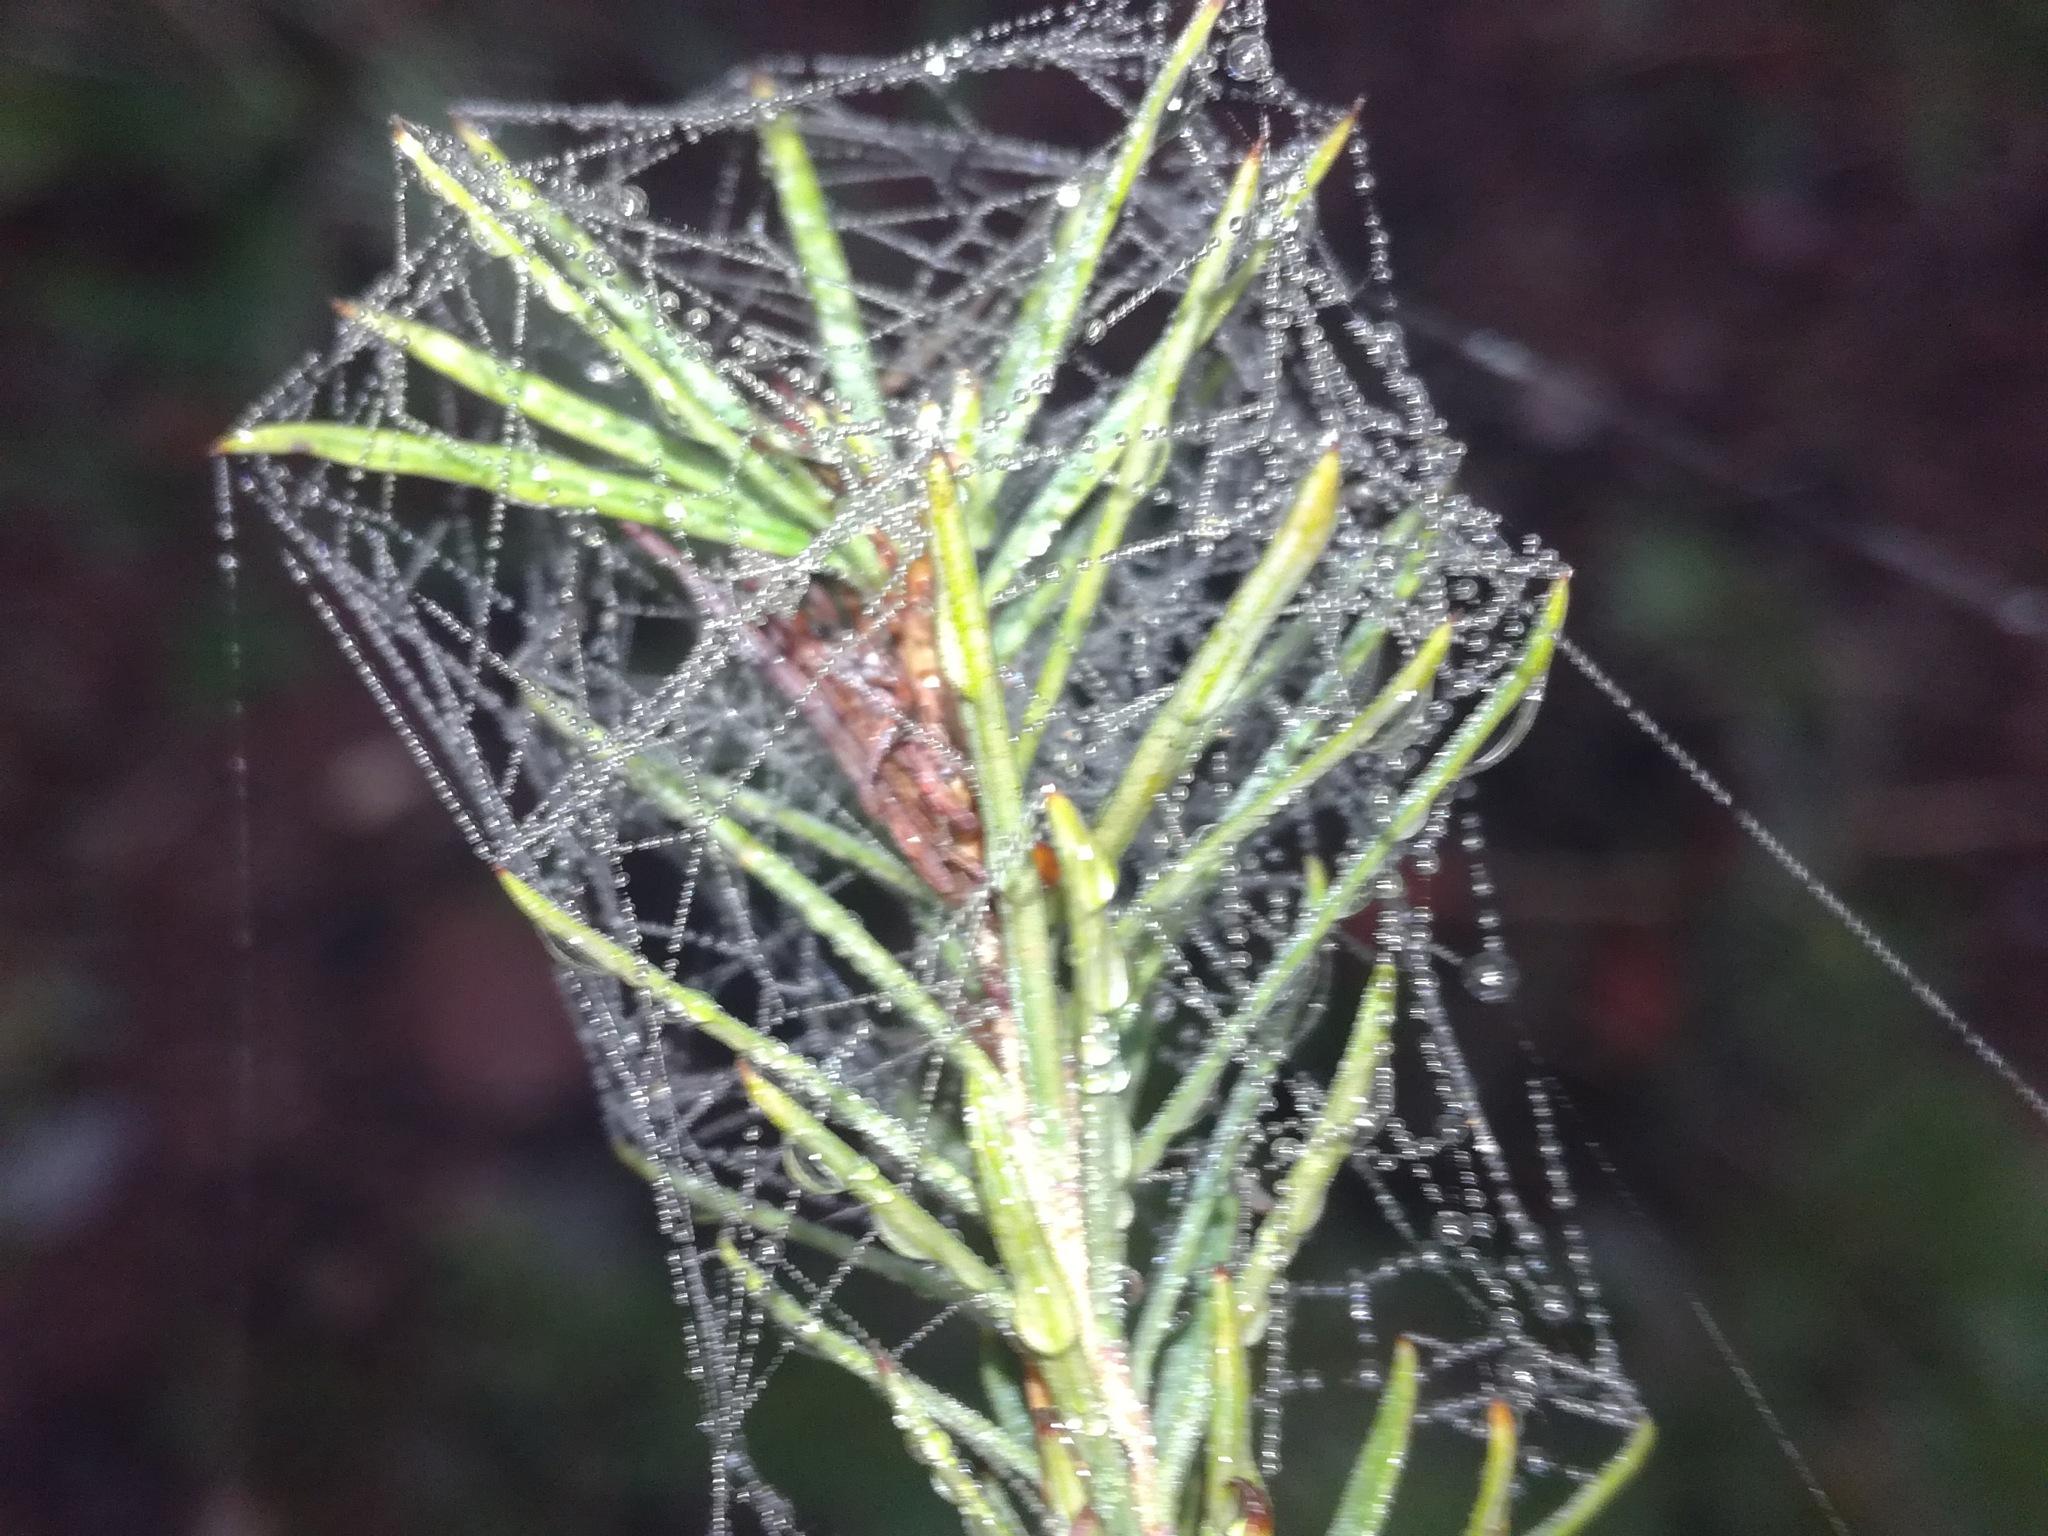 Spider's web by uzkuraitiene62